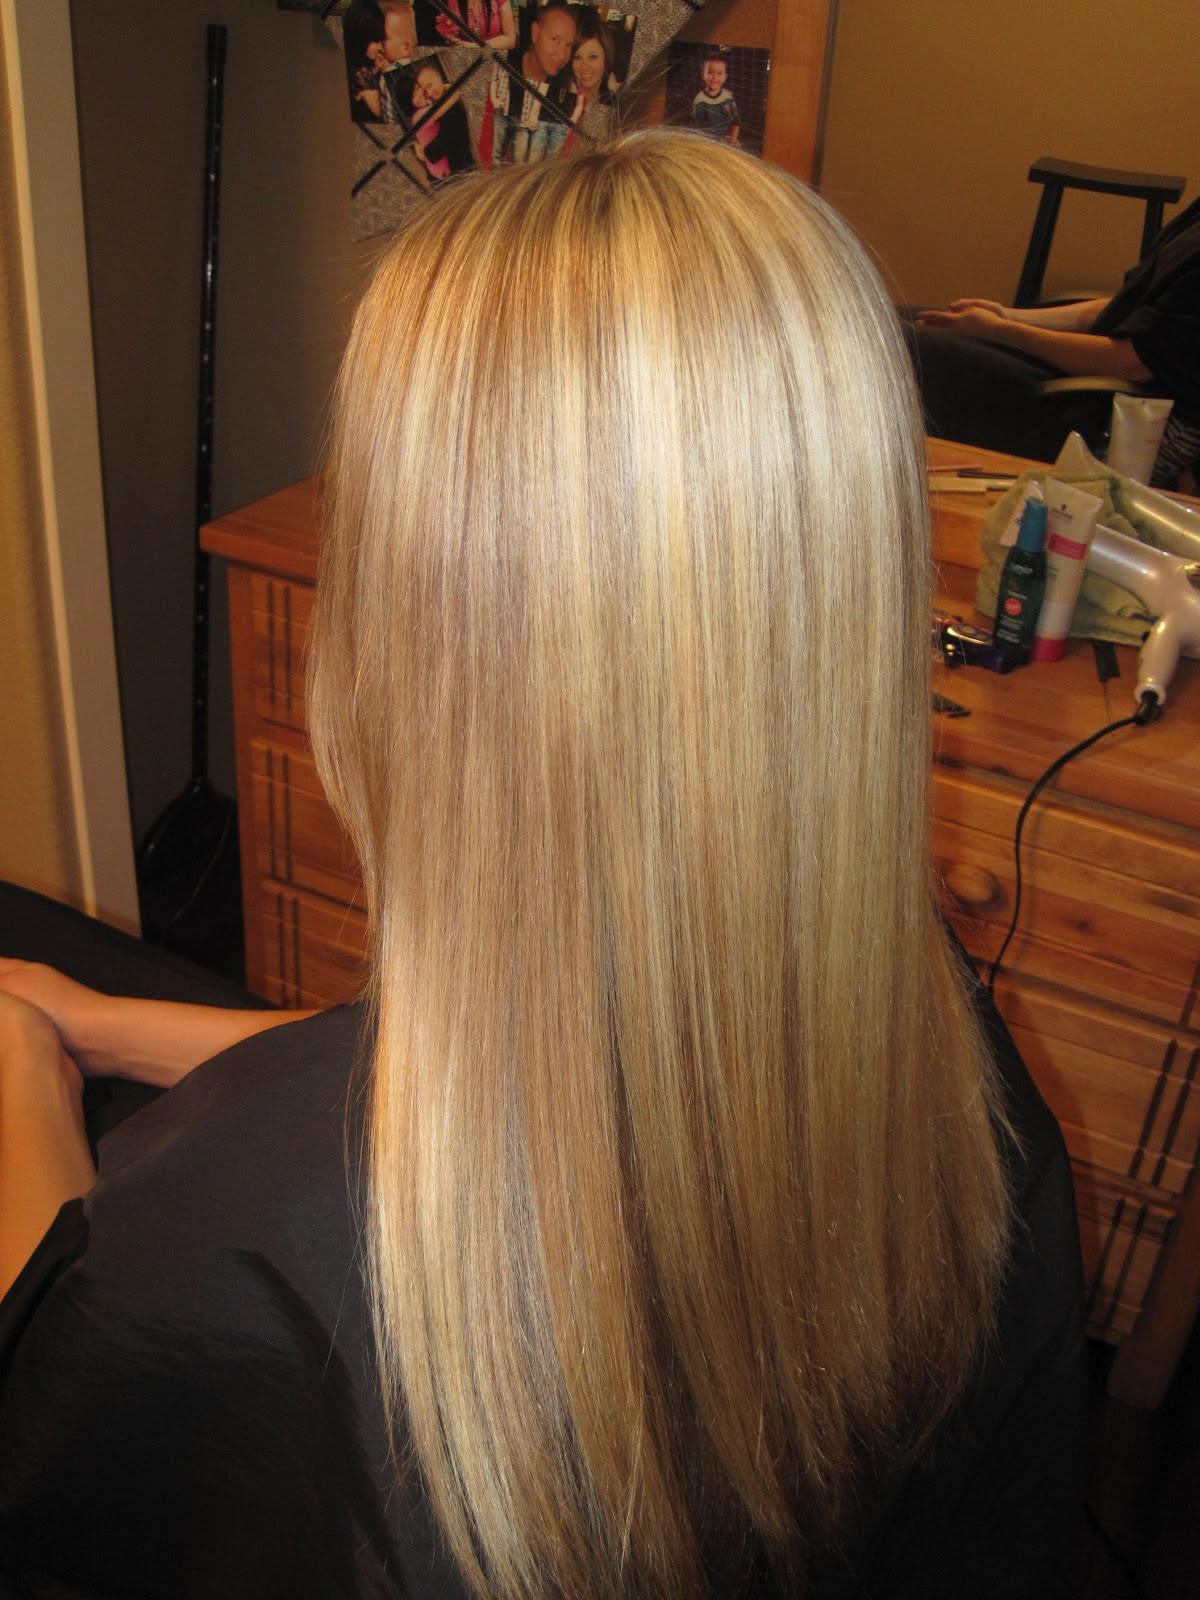 Blonde With Auburn Highlights Auburn highlights.